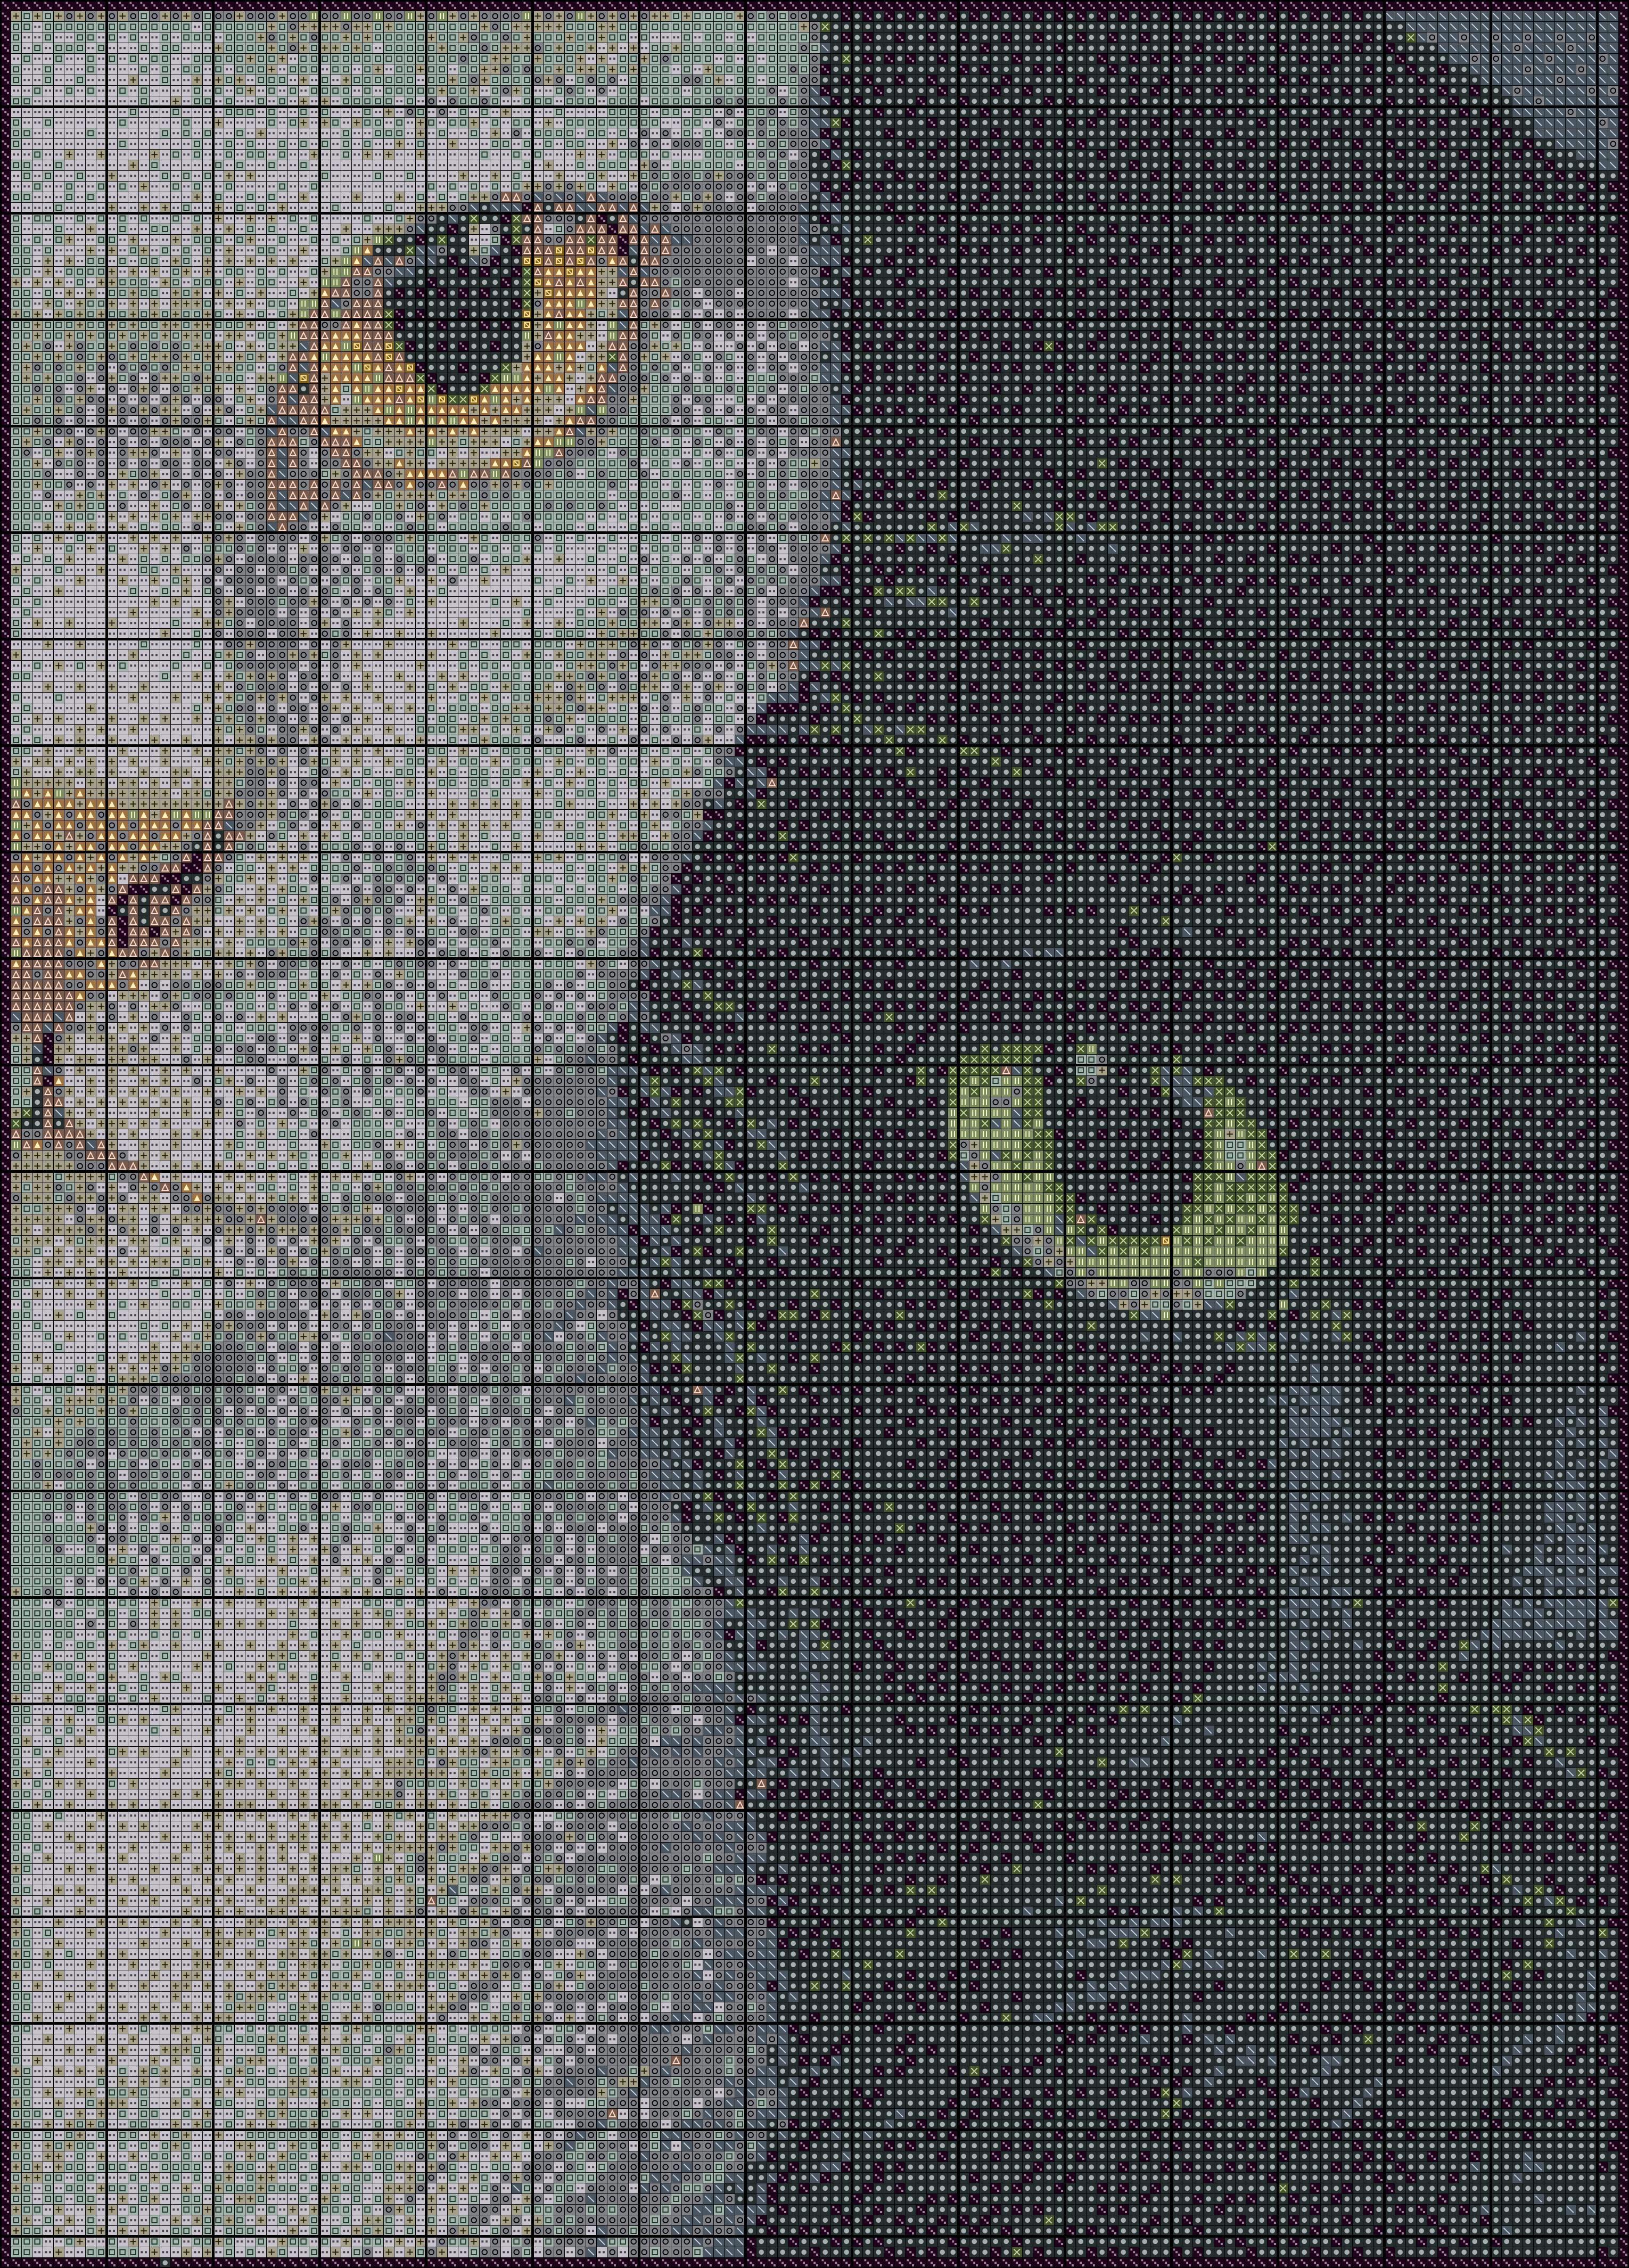 Pin von Terri Mock auf cross stitch cats | Pinterest | Kreuzstich ...